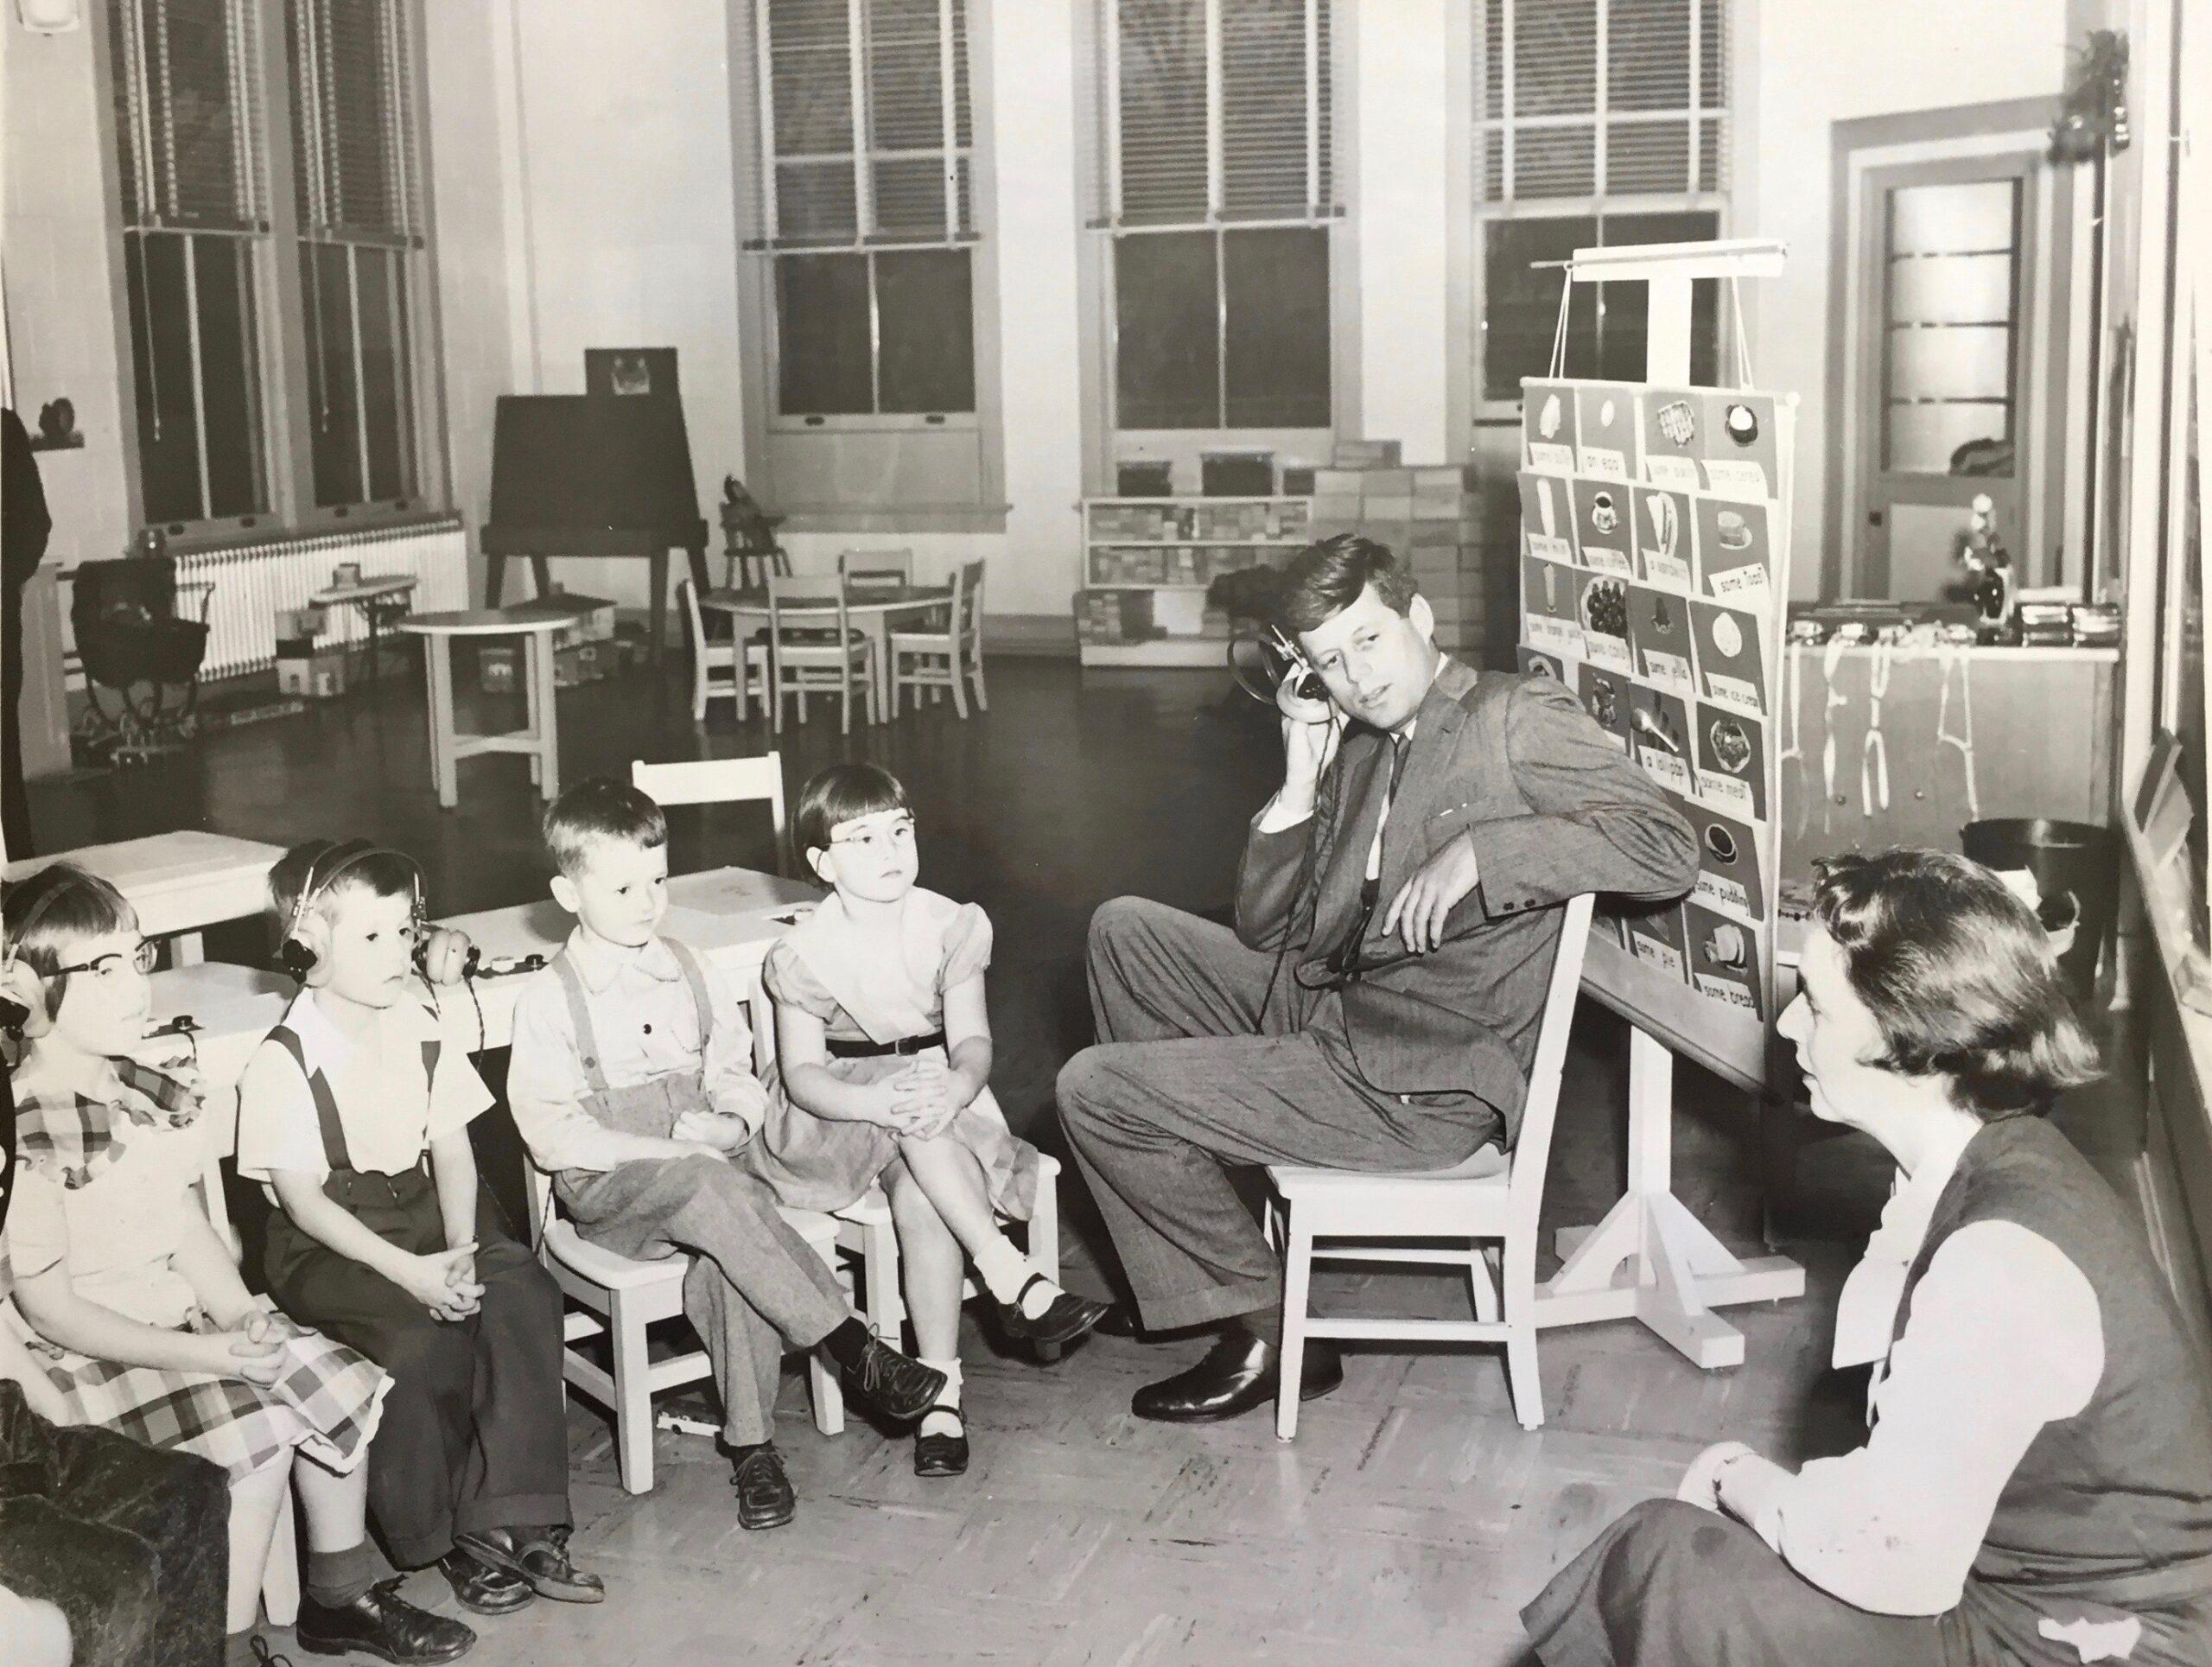 JFK with children